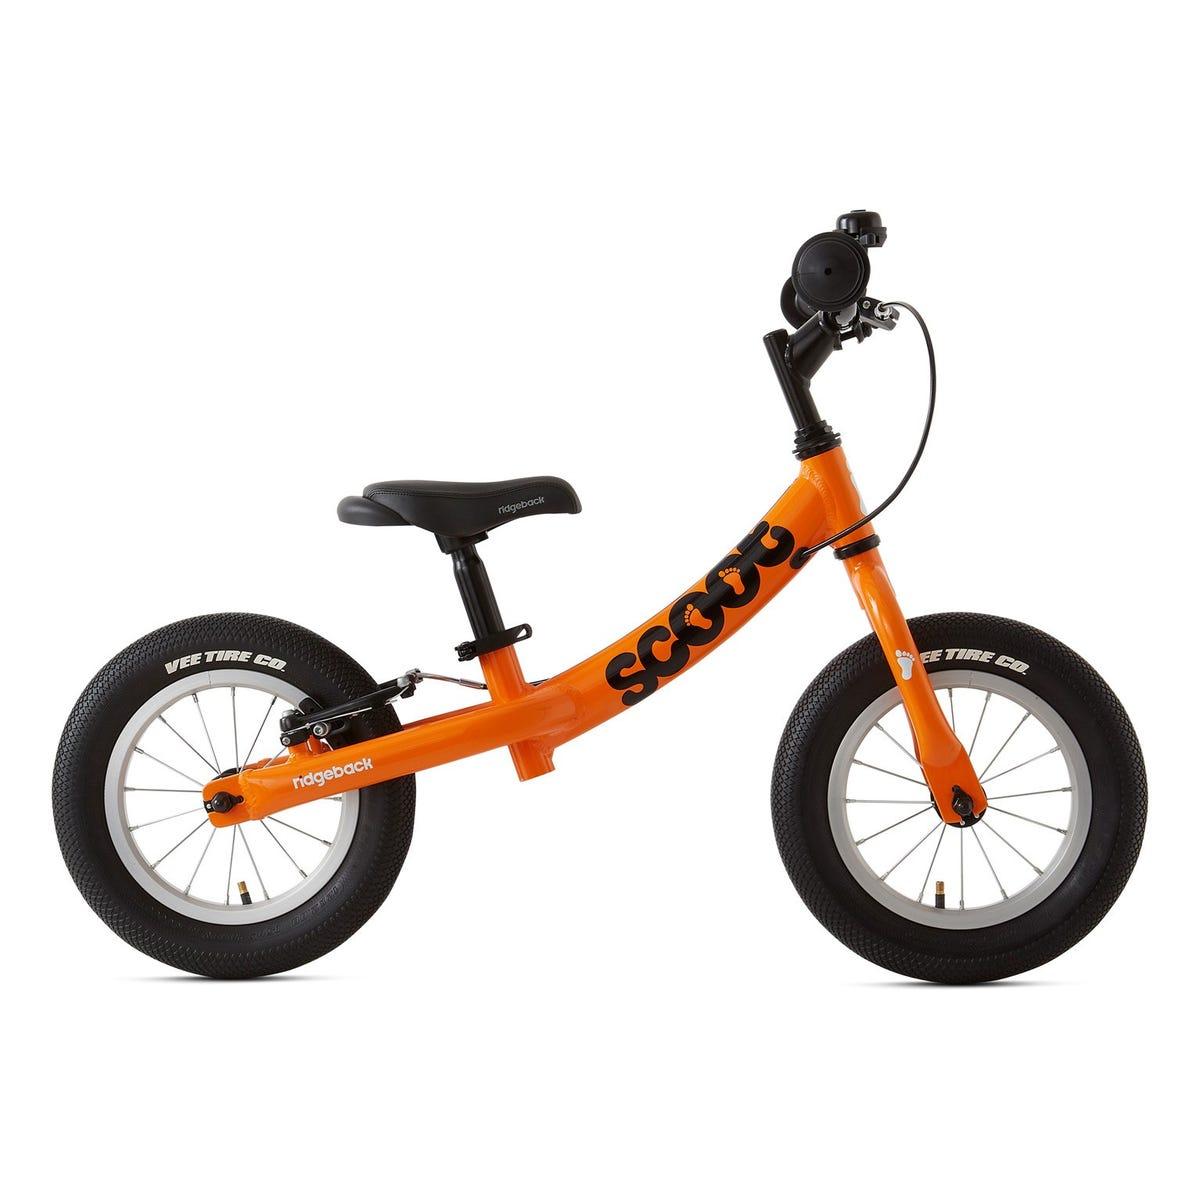 Scoot orange